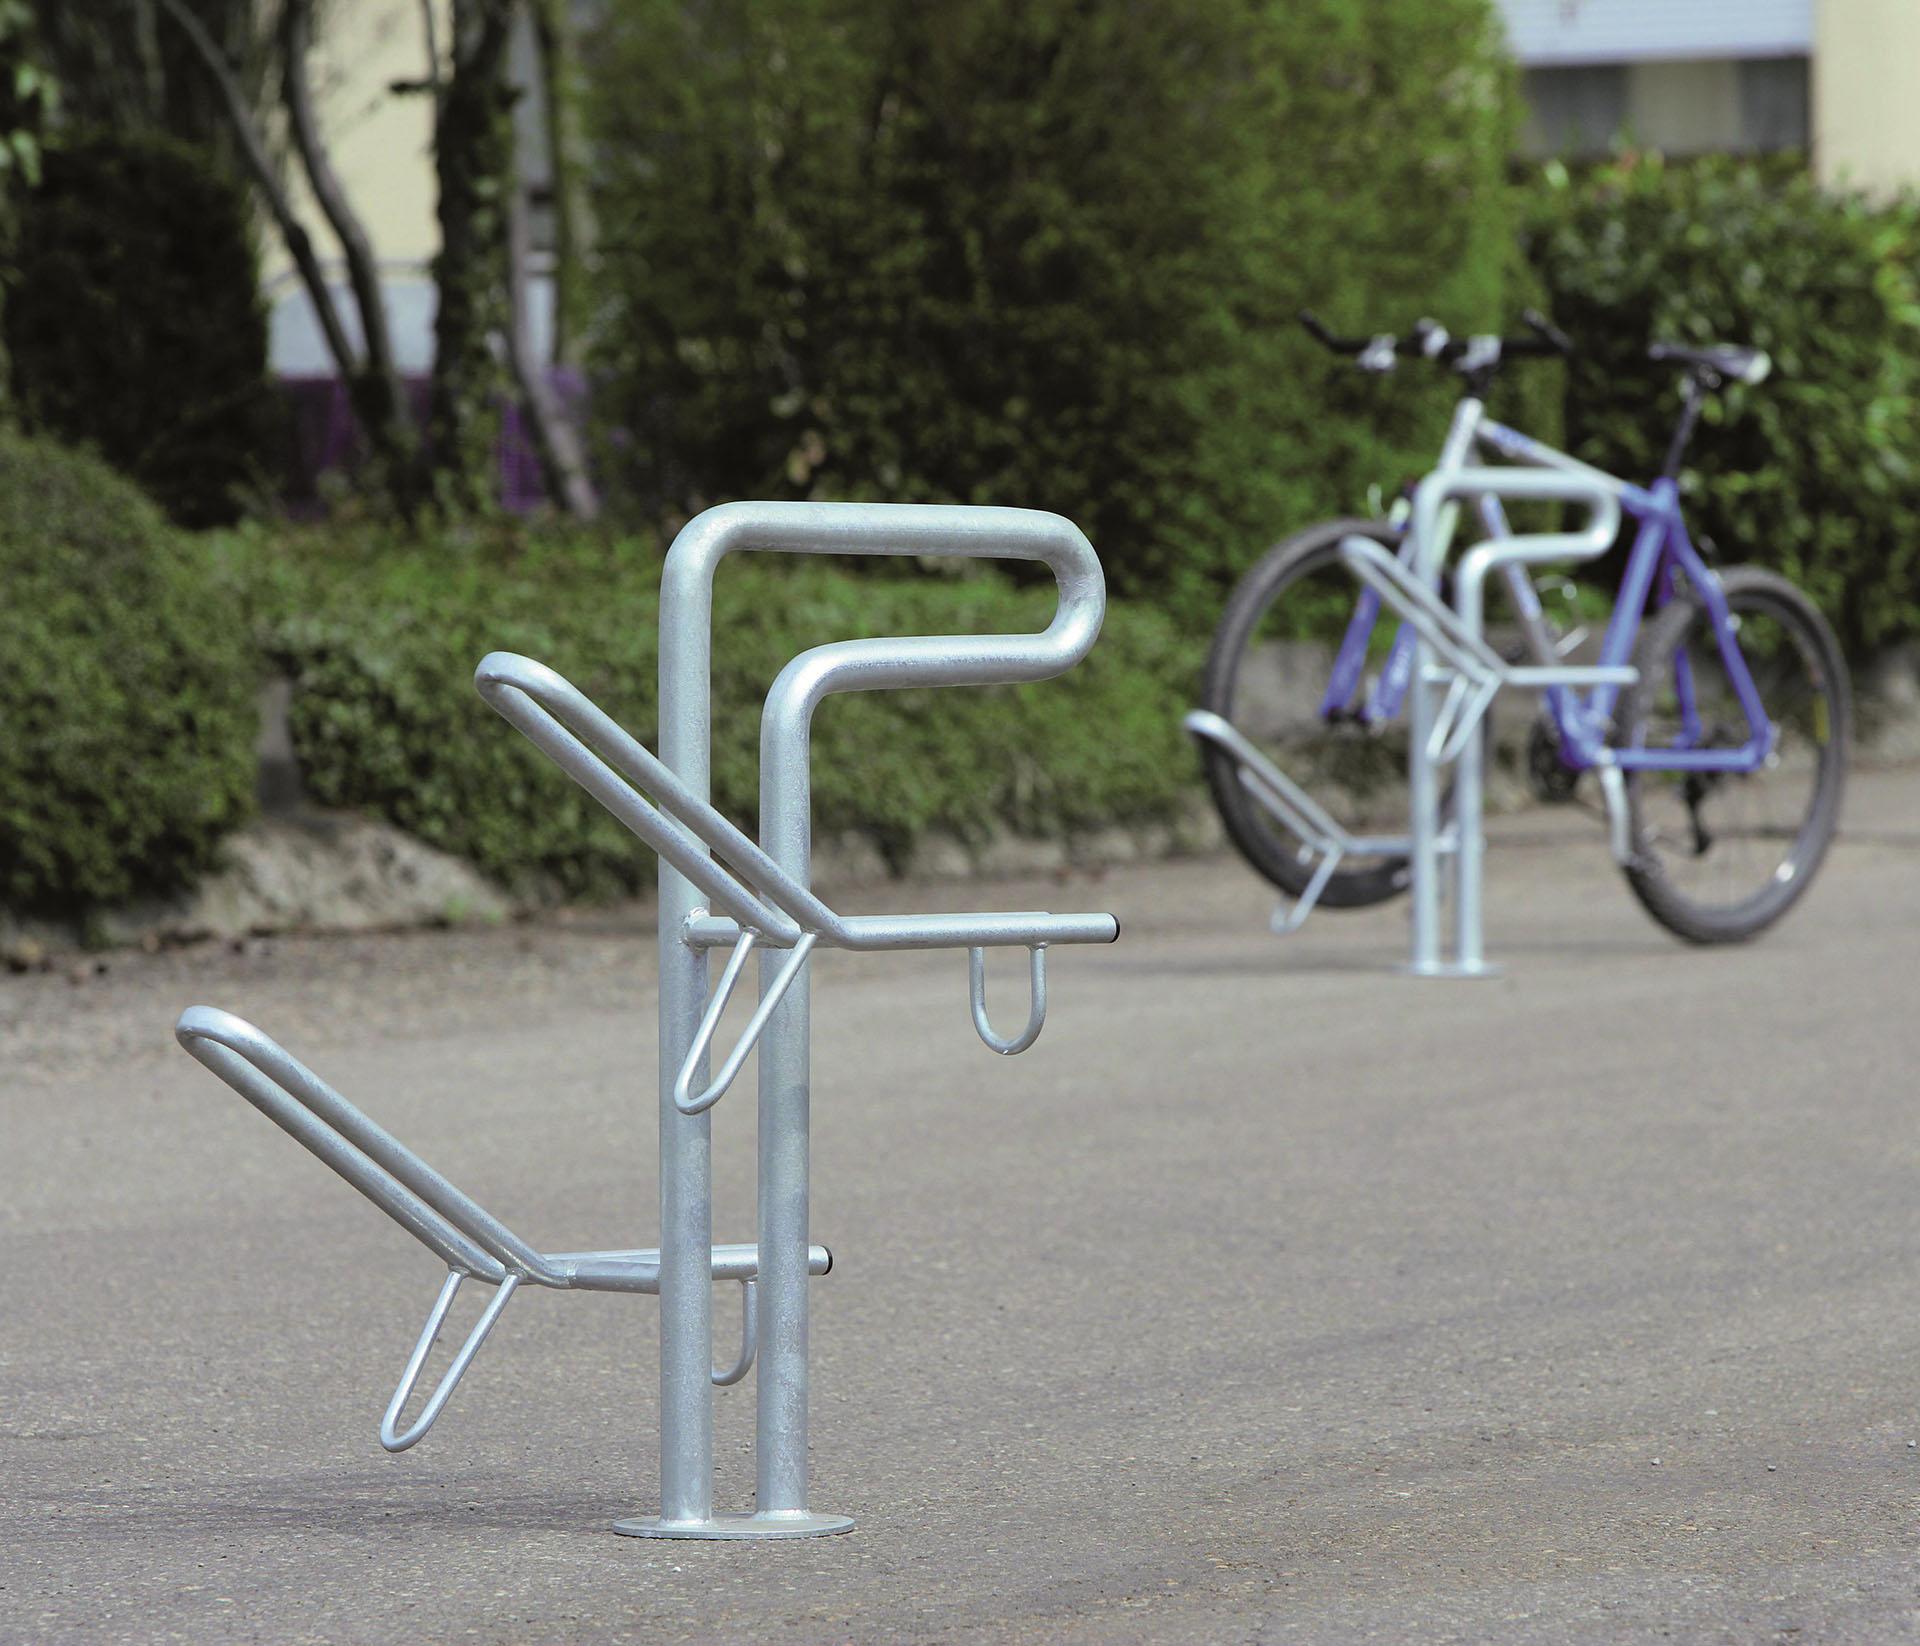 velofox bike stand